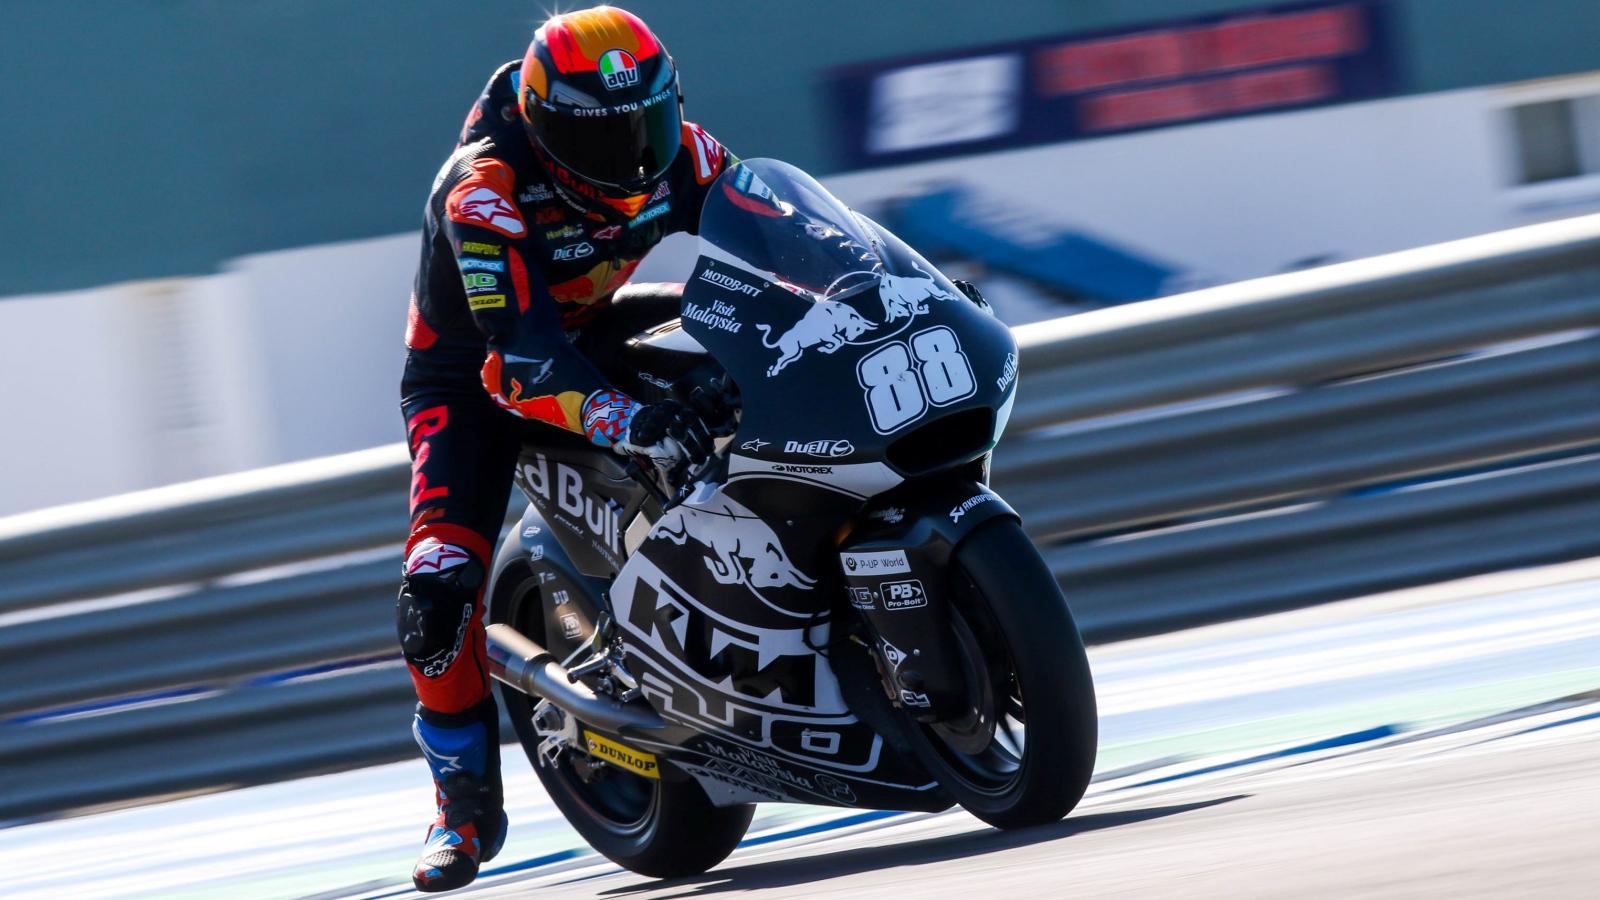 Jorge Martín lidera Moto2 y Sergio García Moto3 en el primer día de test privados en Jerez